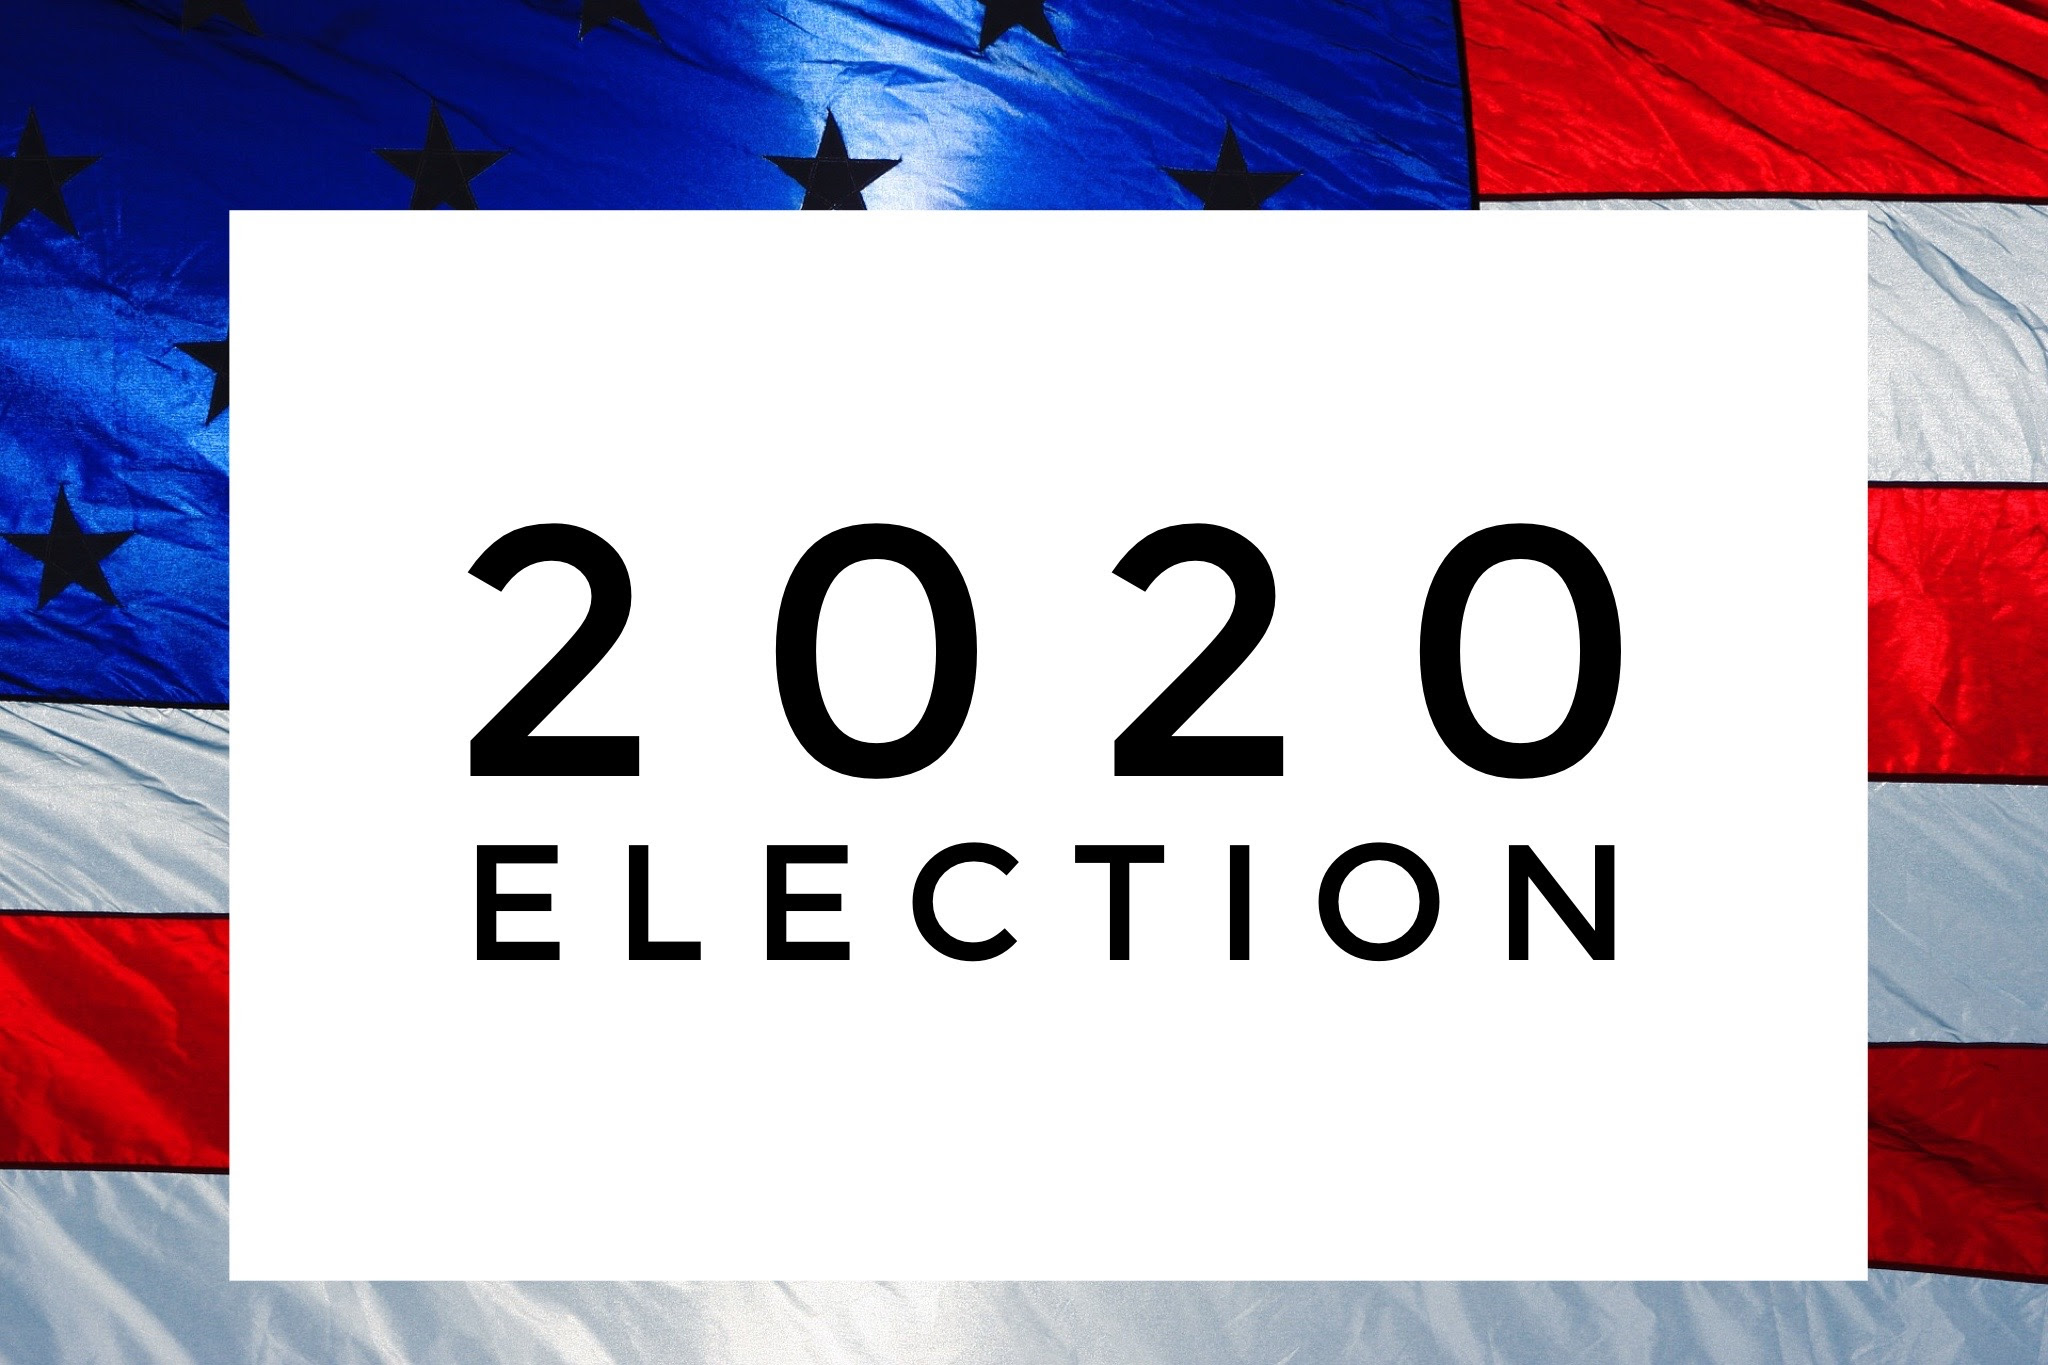 ליסטע פון 2020 דעמאקראטן